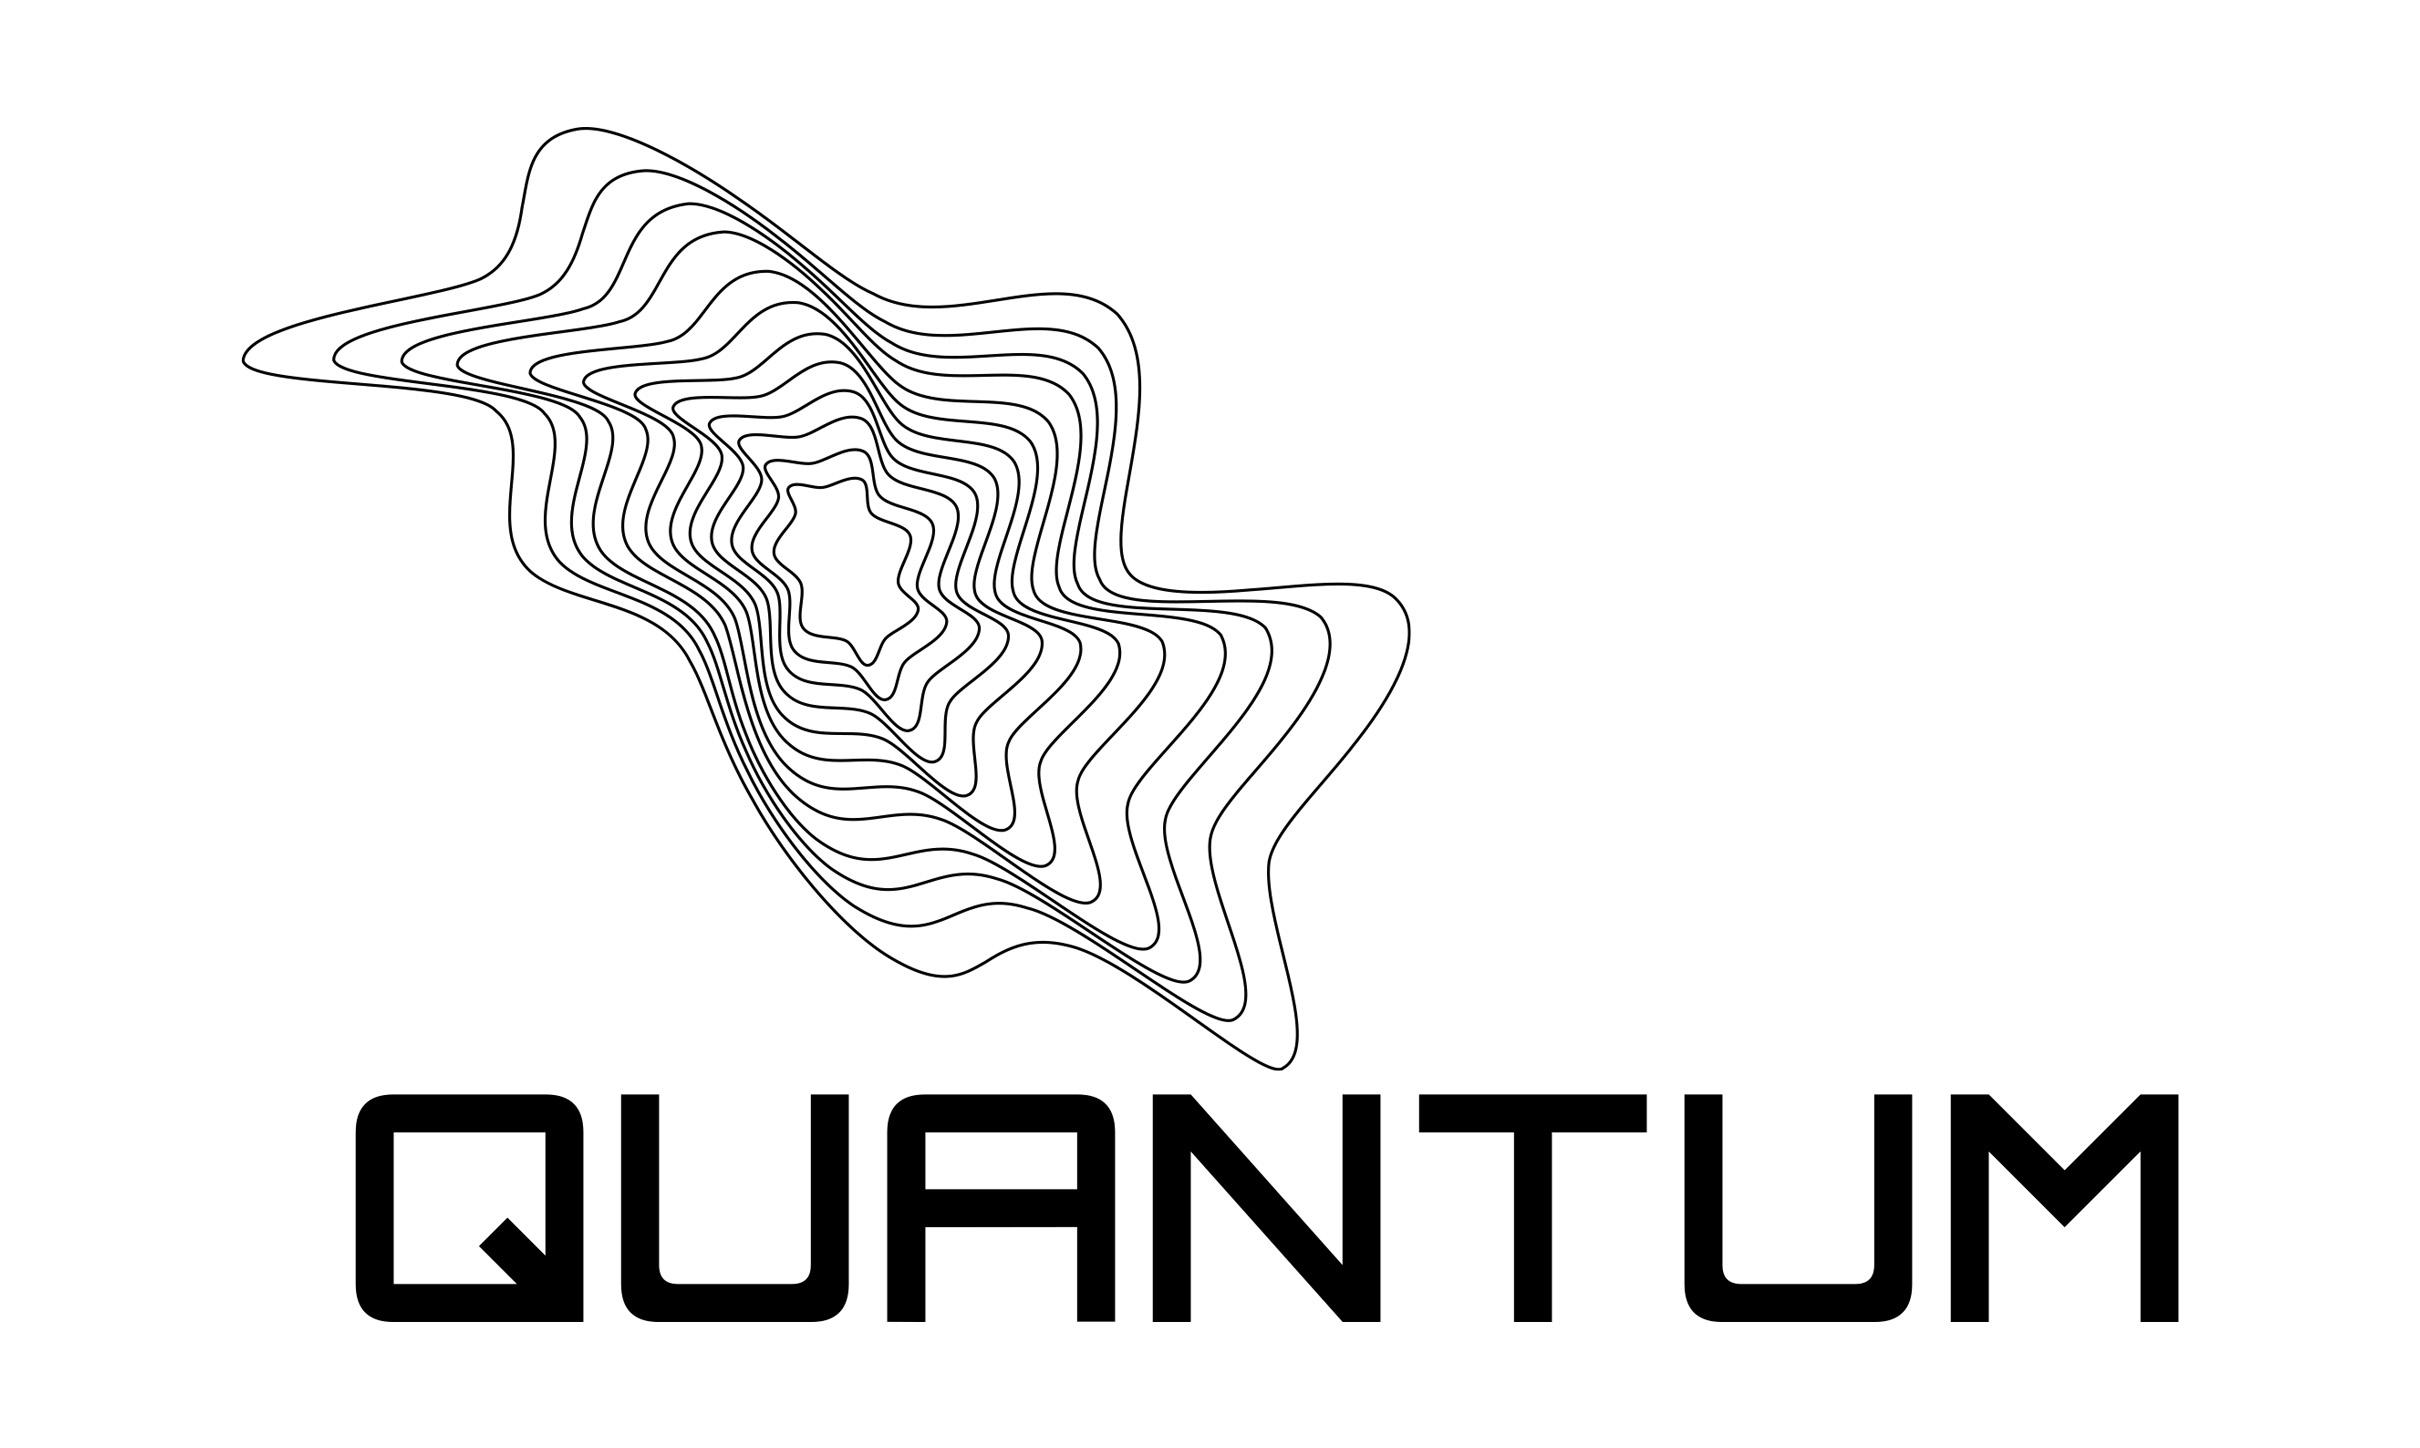 Редизайн логотипа бренда интеллектуальной игры фото f_7385bcb8978d0984.jpg